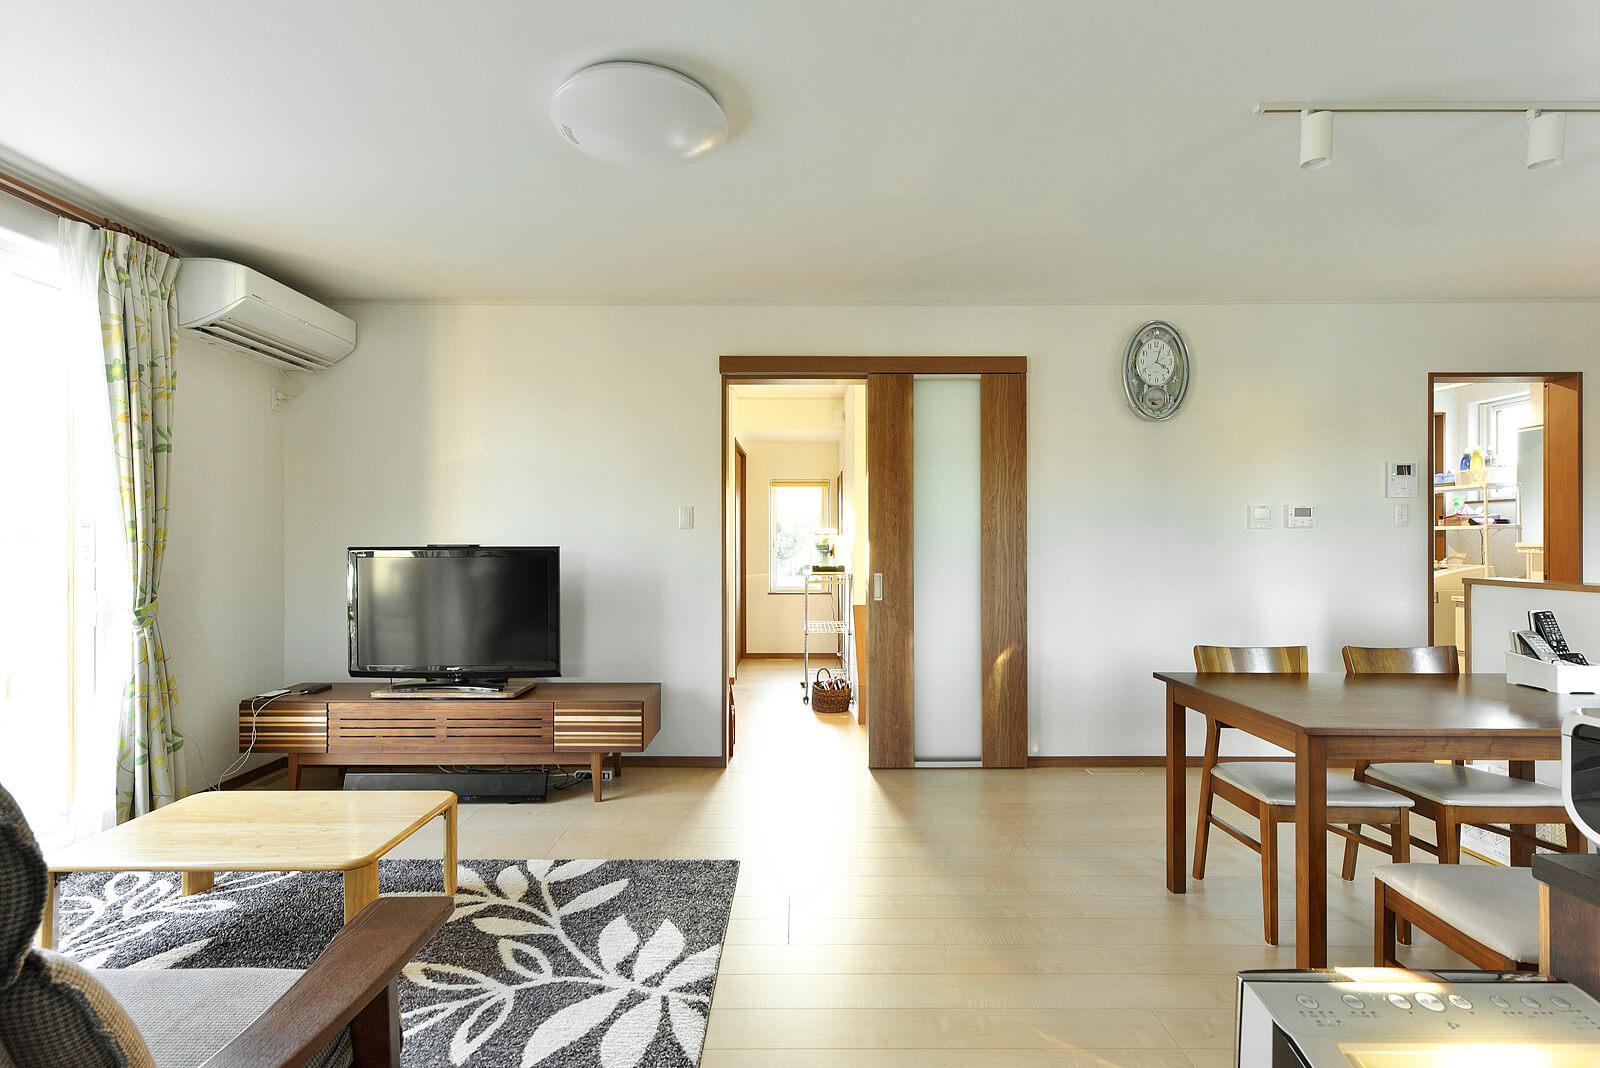 ナチュラルな雰囲気のリビング・ダイニング。ガラリを通じて室内と床下の空気を循環させ温度を均一に